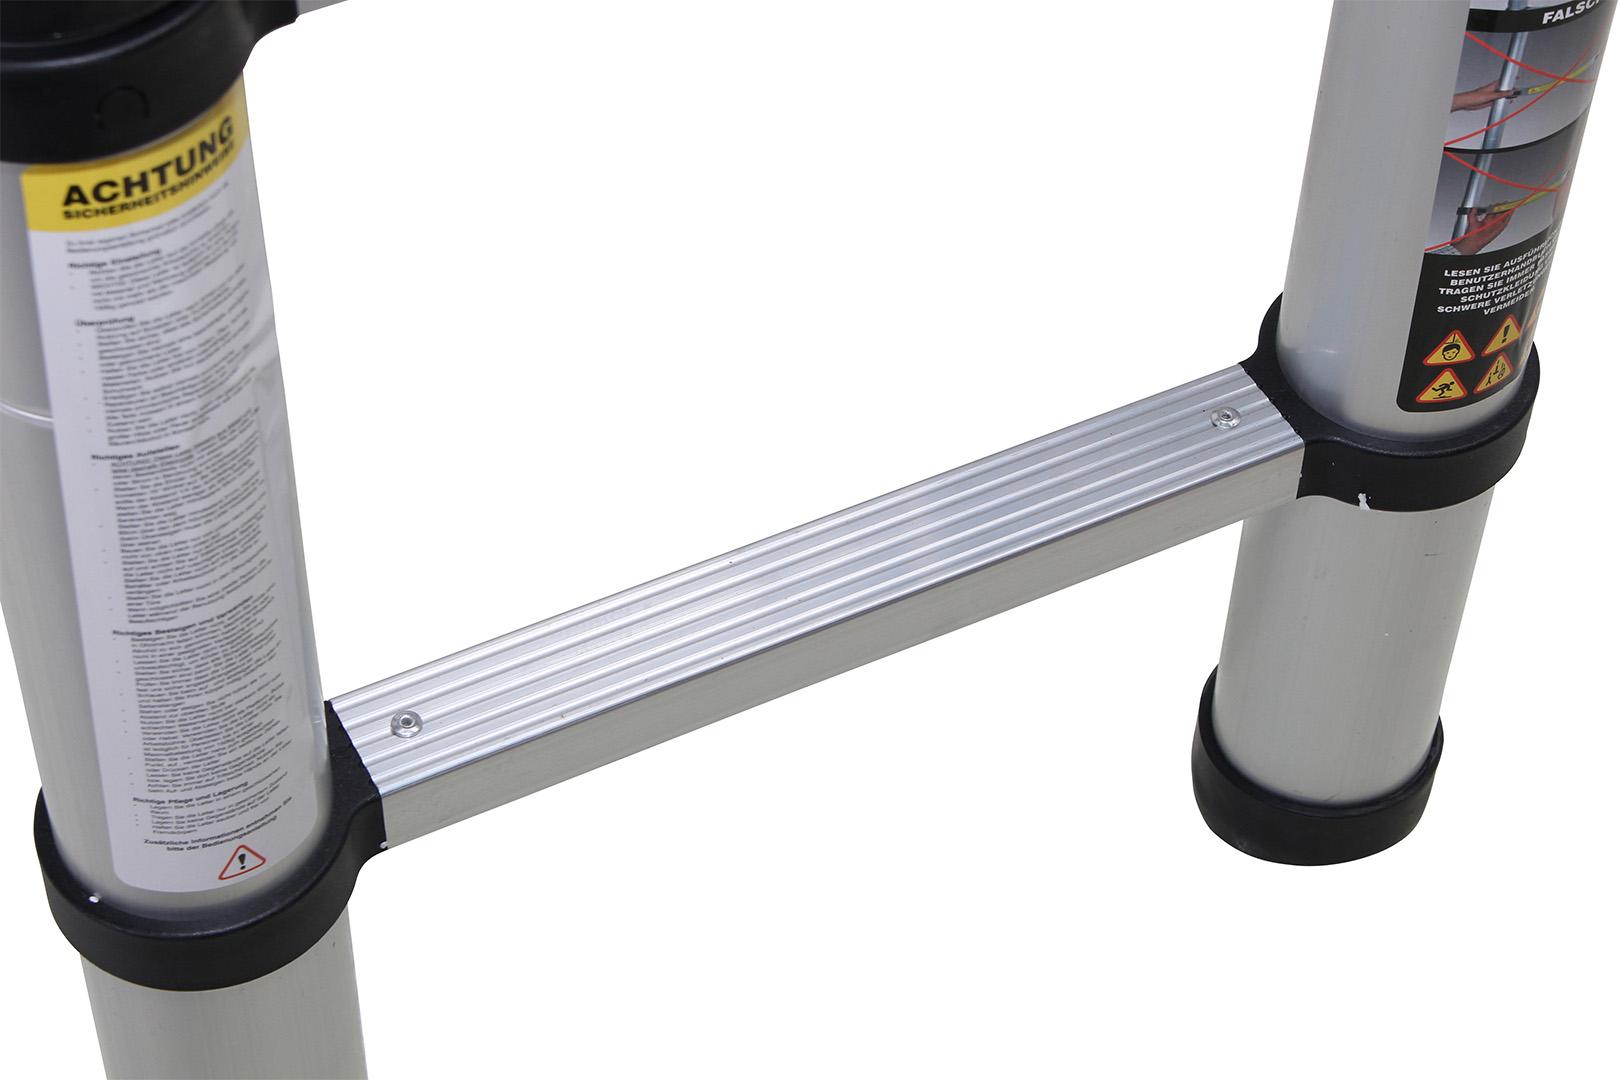 Teleskopleiter test ausziehleitern in verschiedenen größen